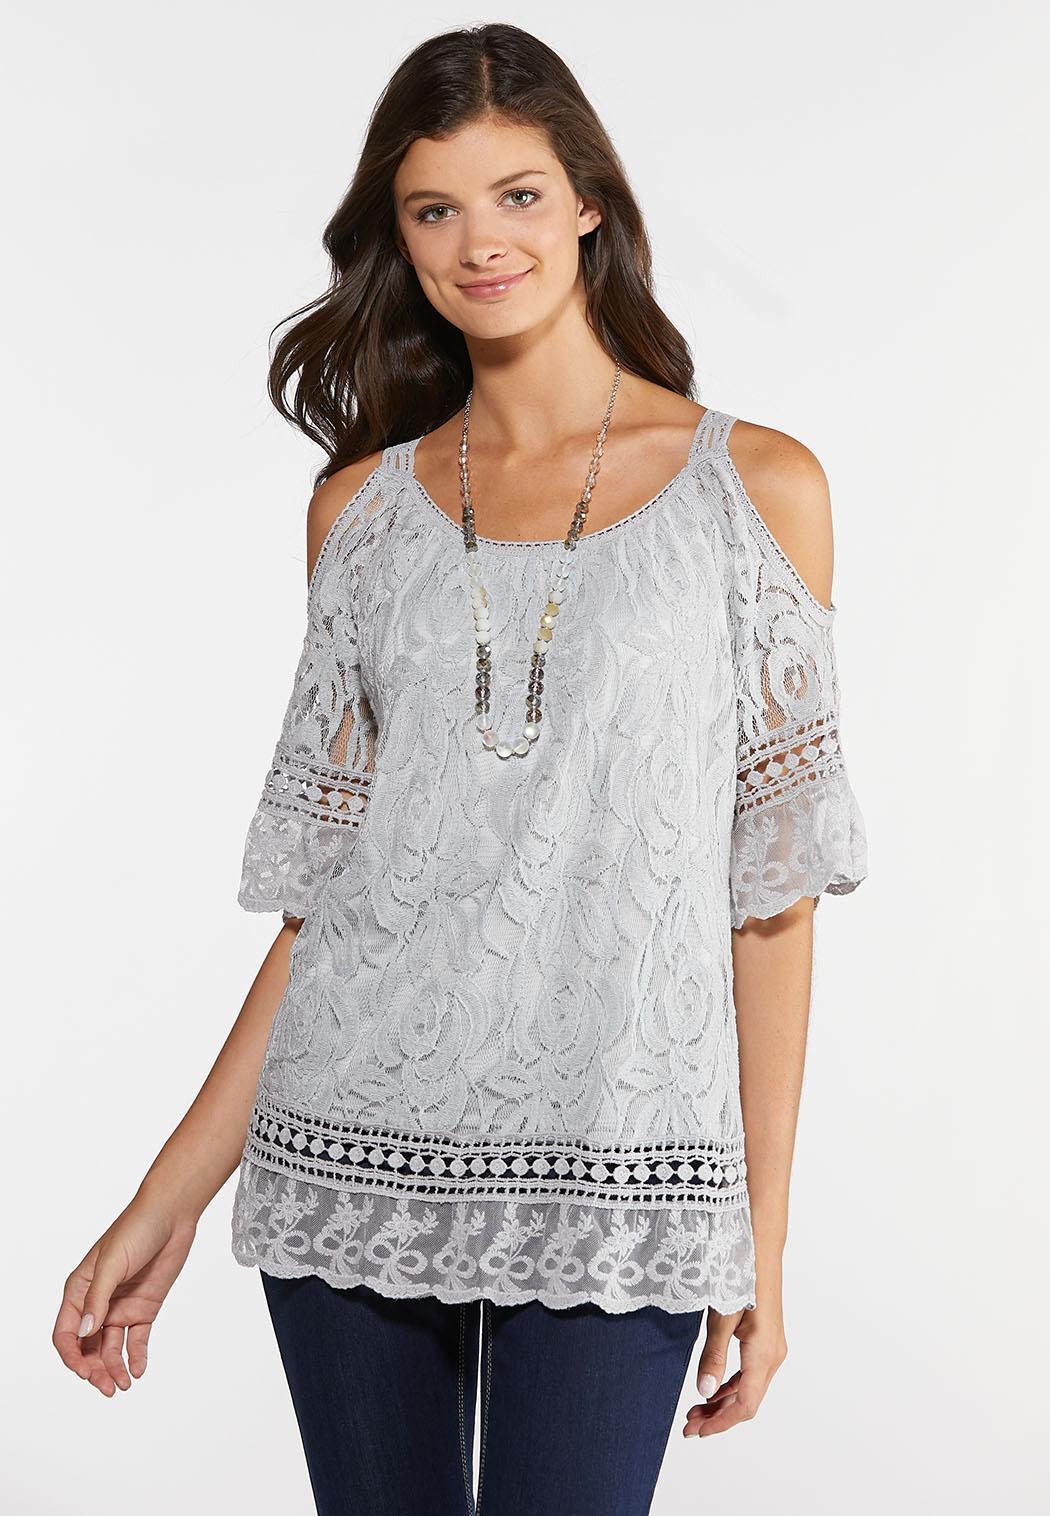 6408da44cff Women s Shirts   Blouses